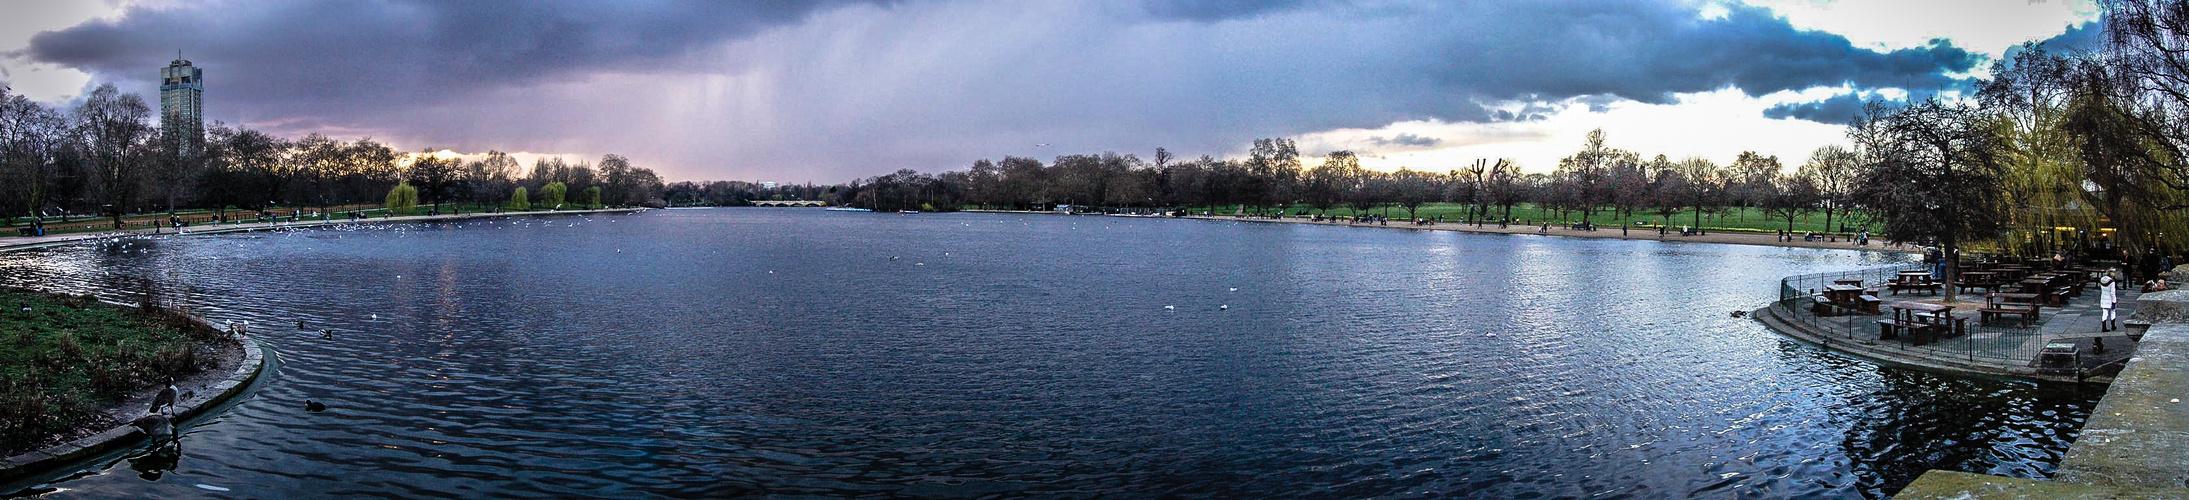 Hyde Park Lido Panorama